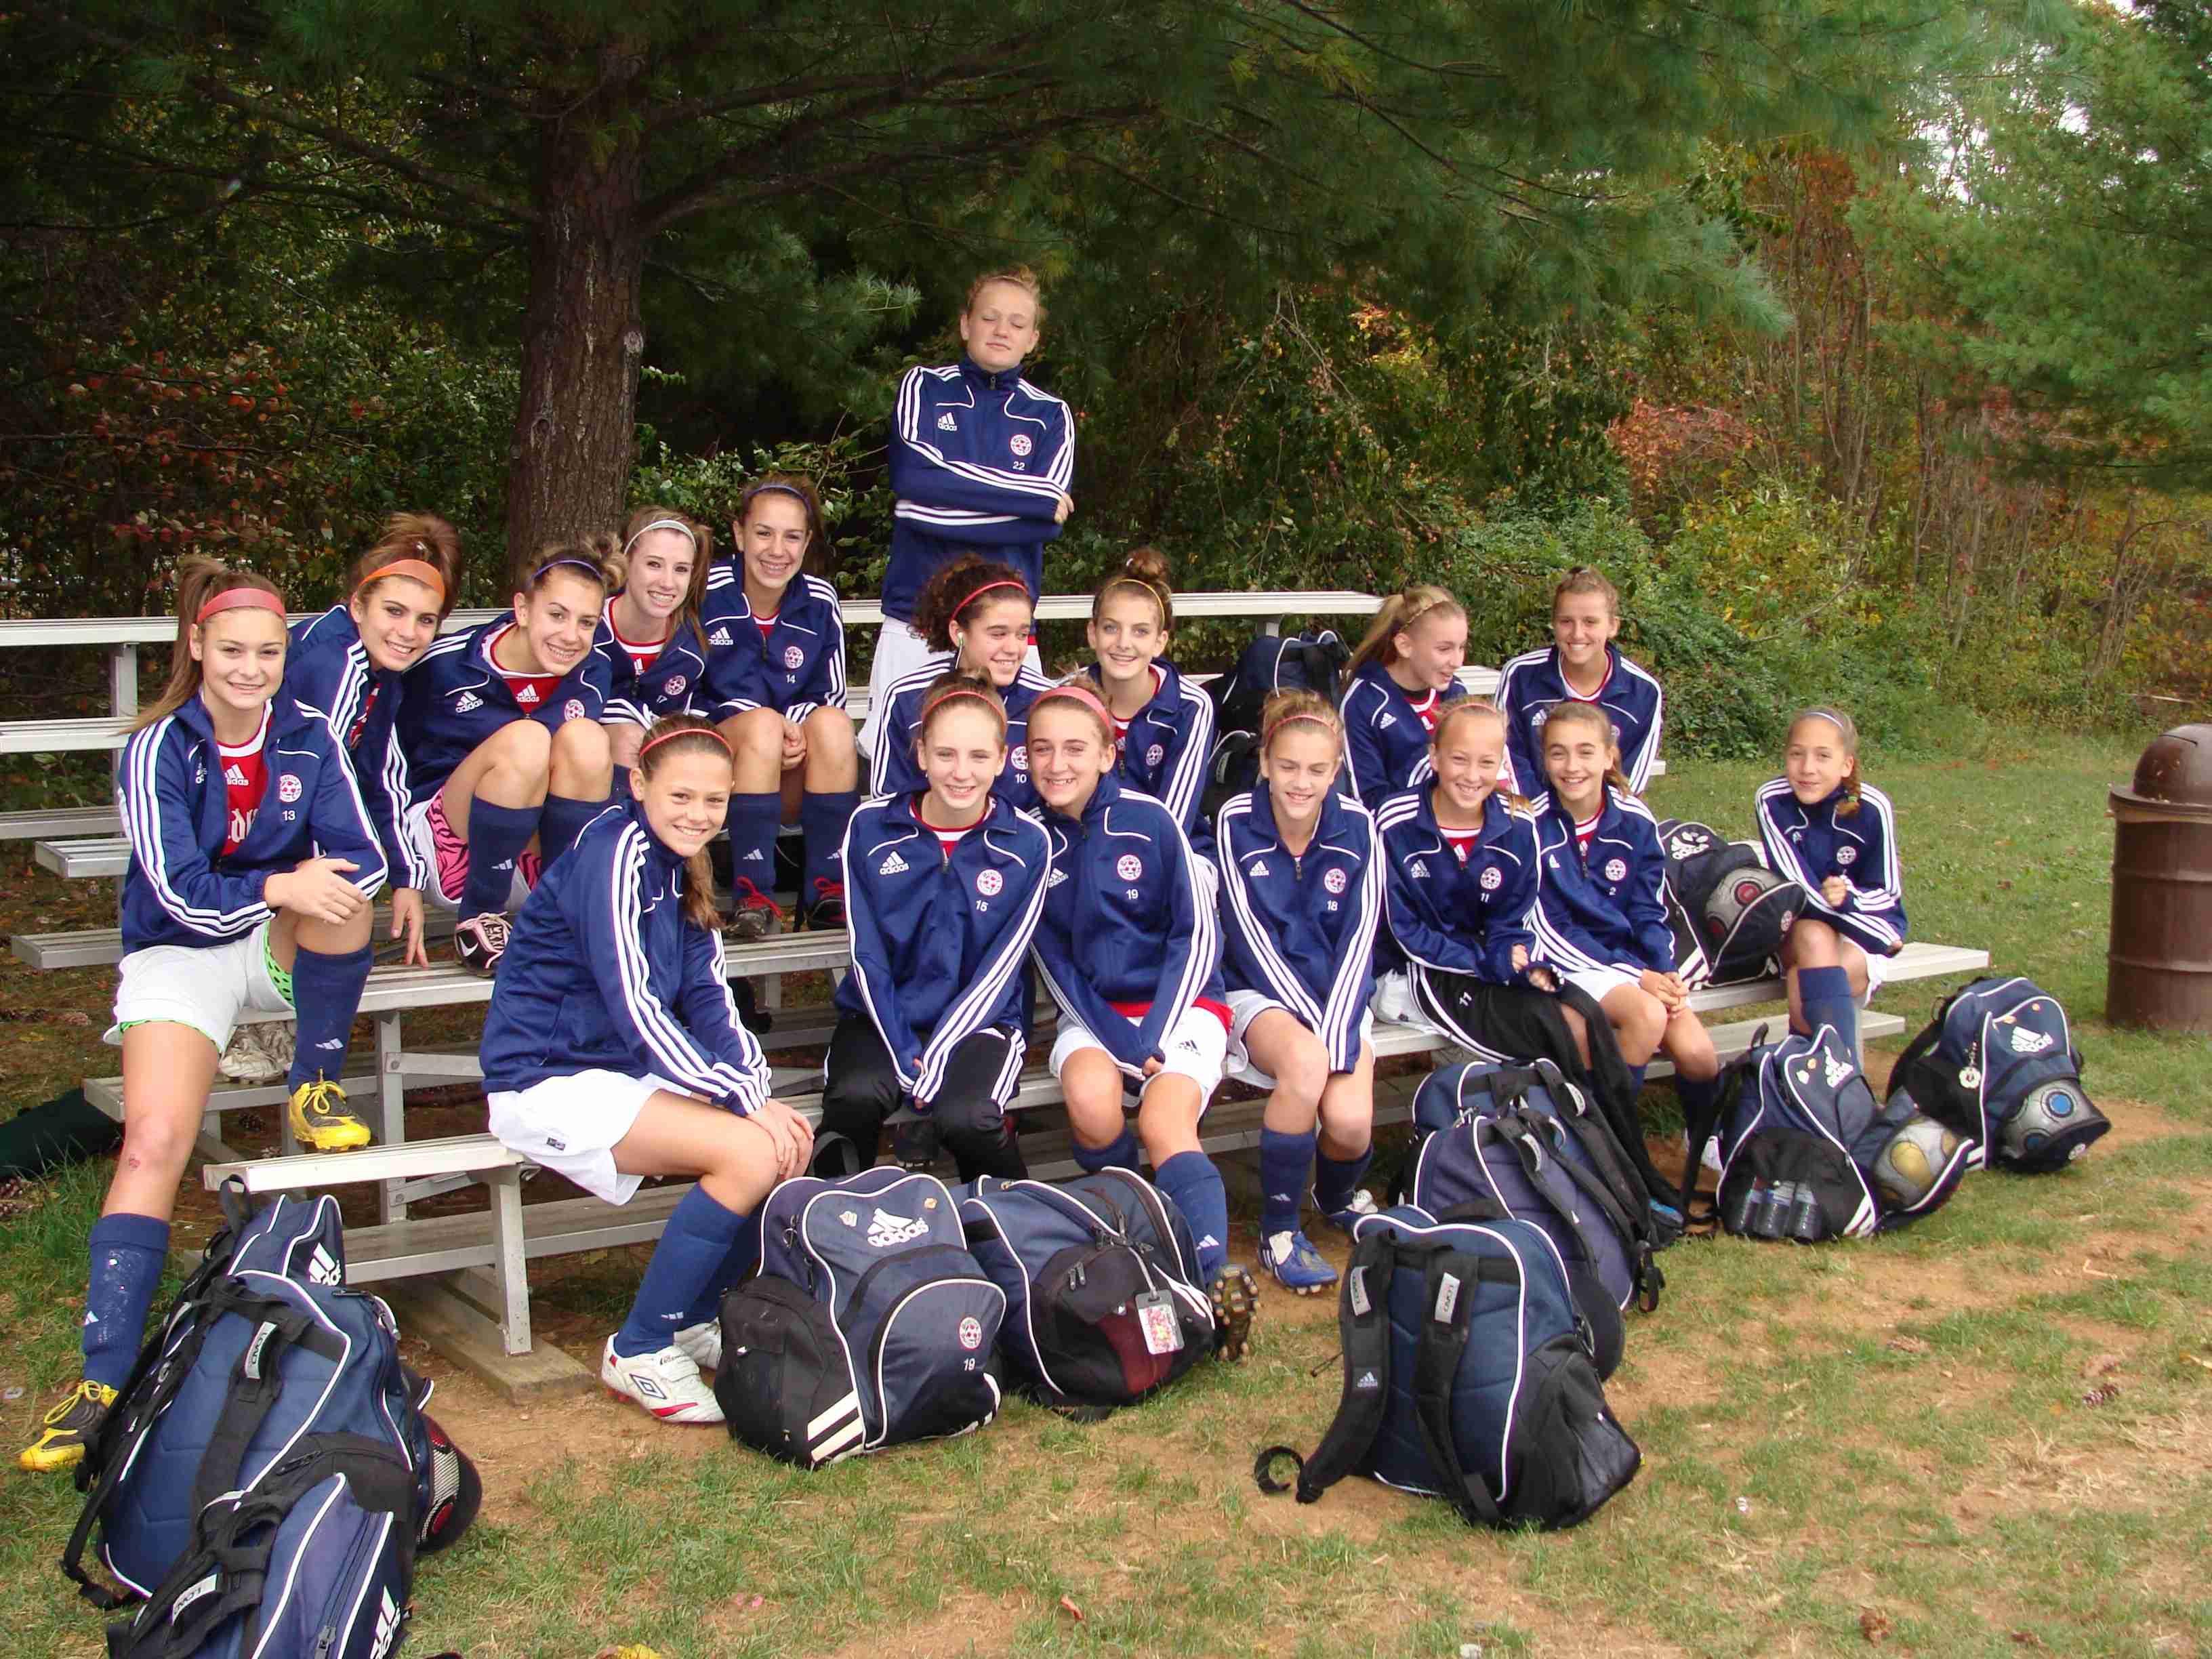 U13 Wags Fall 2009